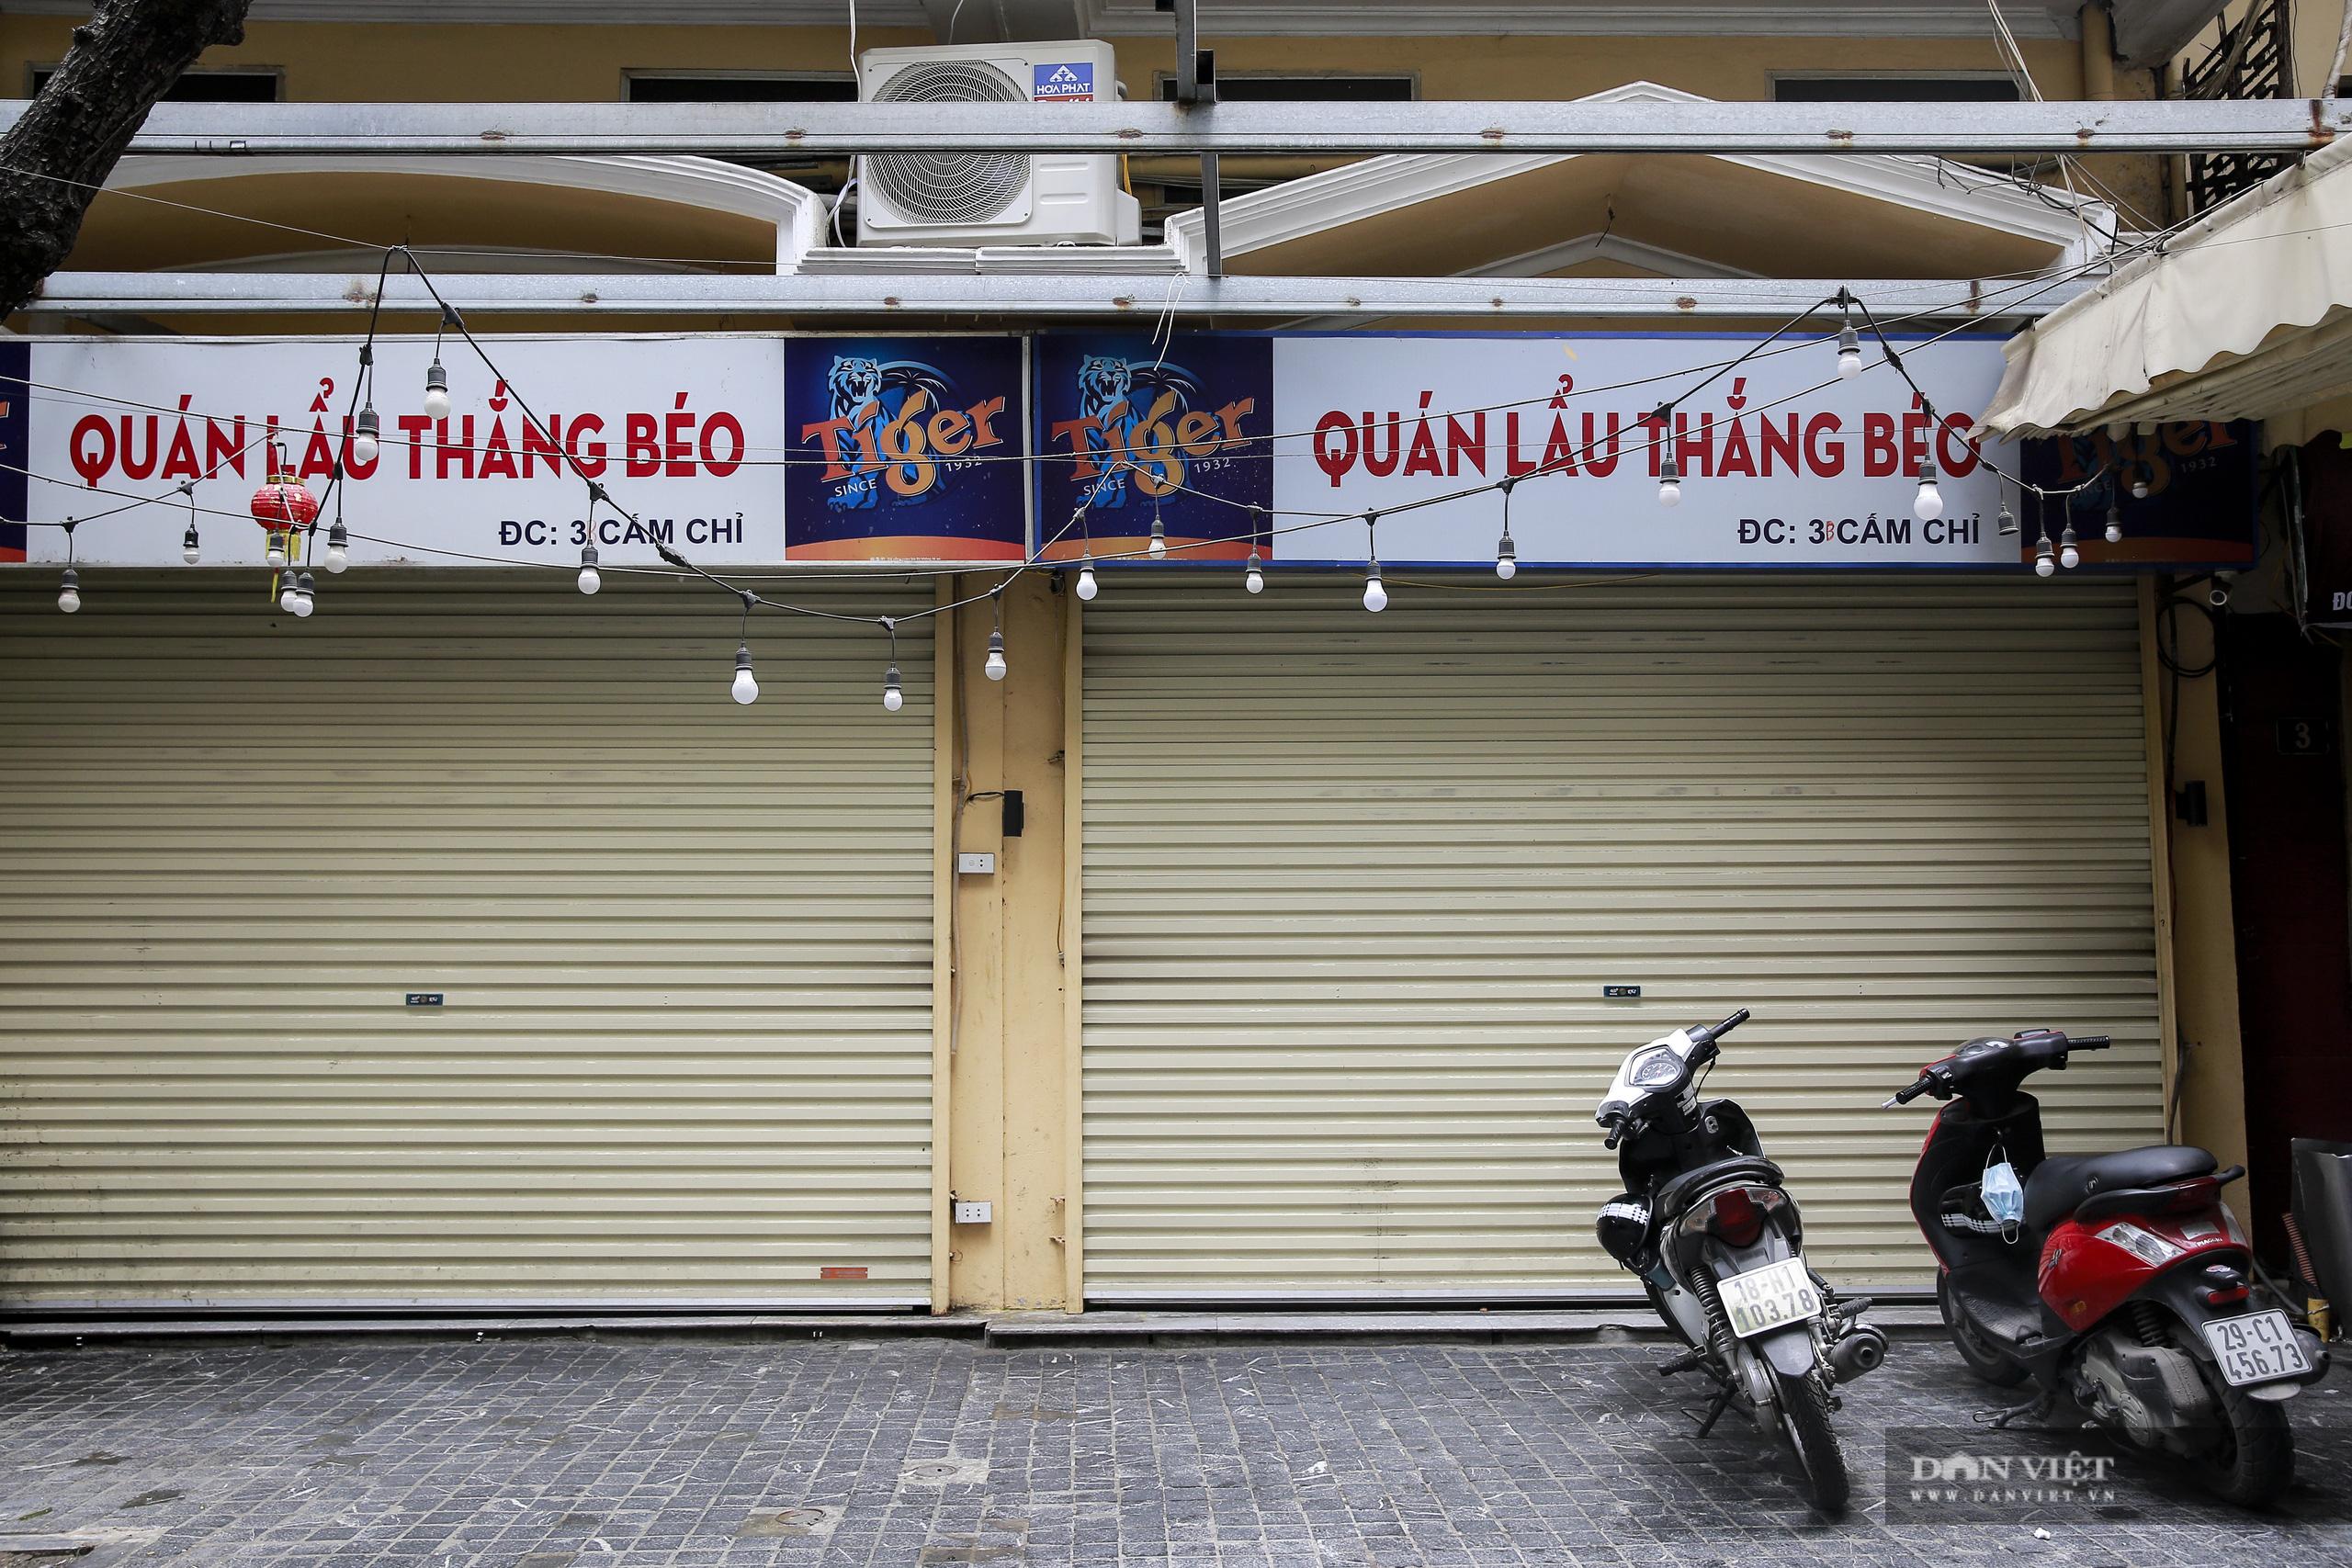 """Những phố ẩm thực """"không ngủ"""" tại Hà Nội đóng cửa hàng loạt vì Covid-19 - Ảnh 10."""